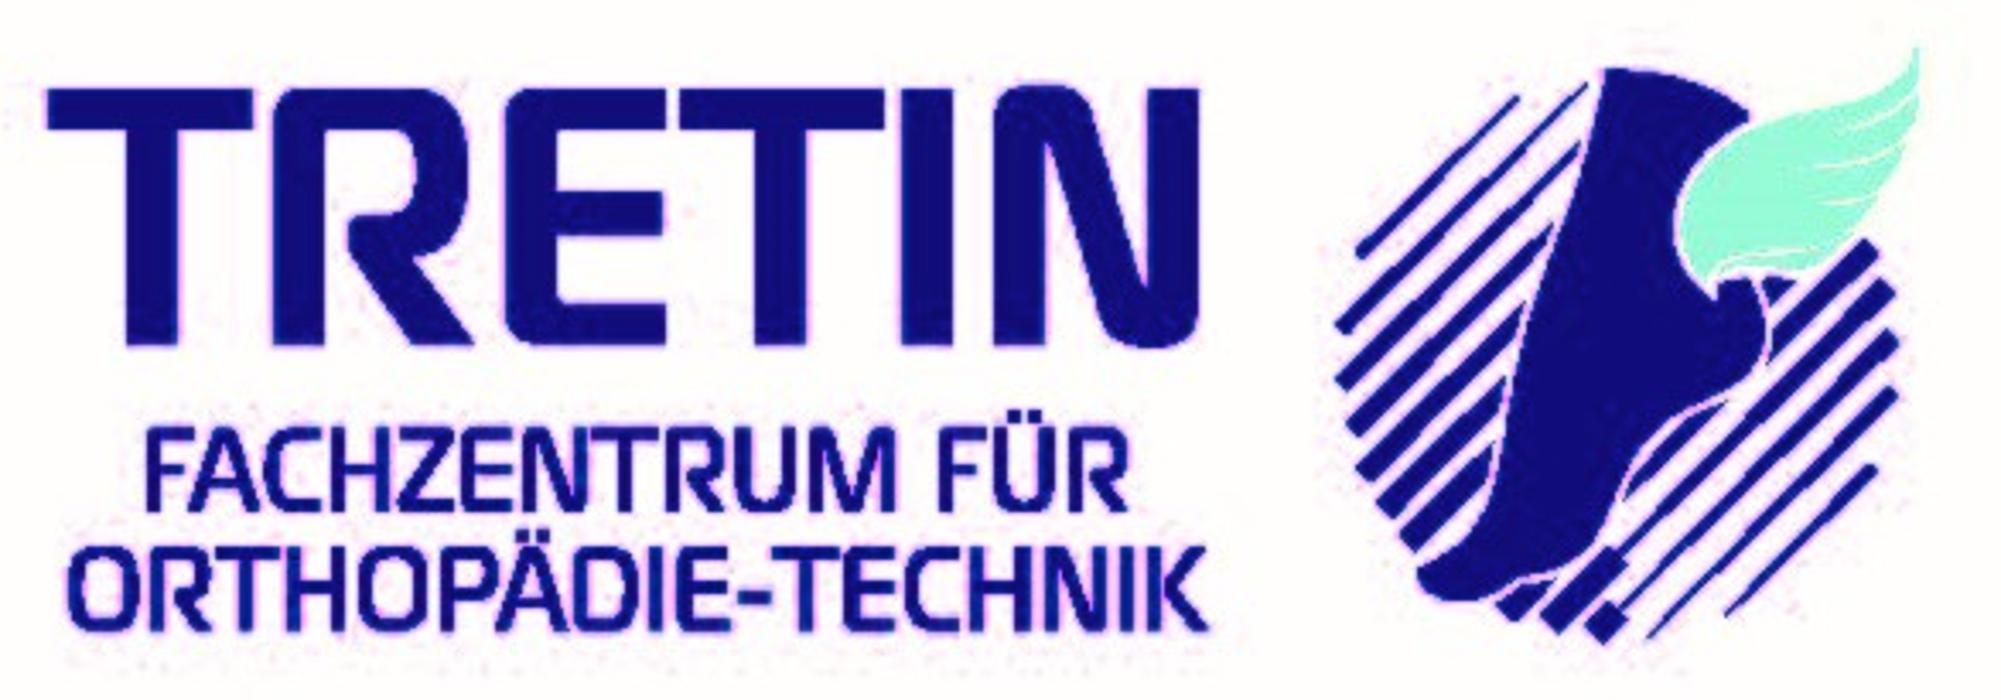 Bild zu Fachzentrum für Orthopädie Technik Tretin GmbH in Dietzenbach